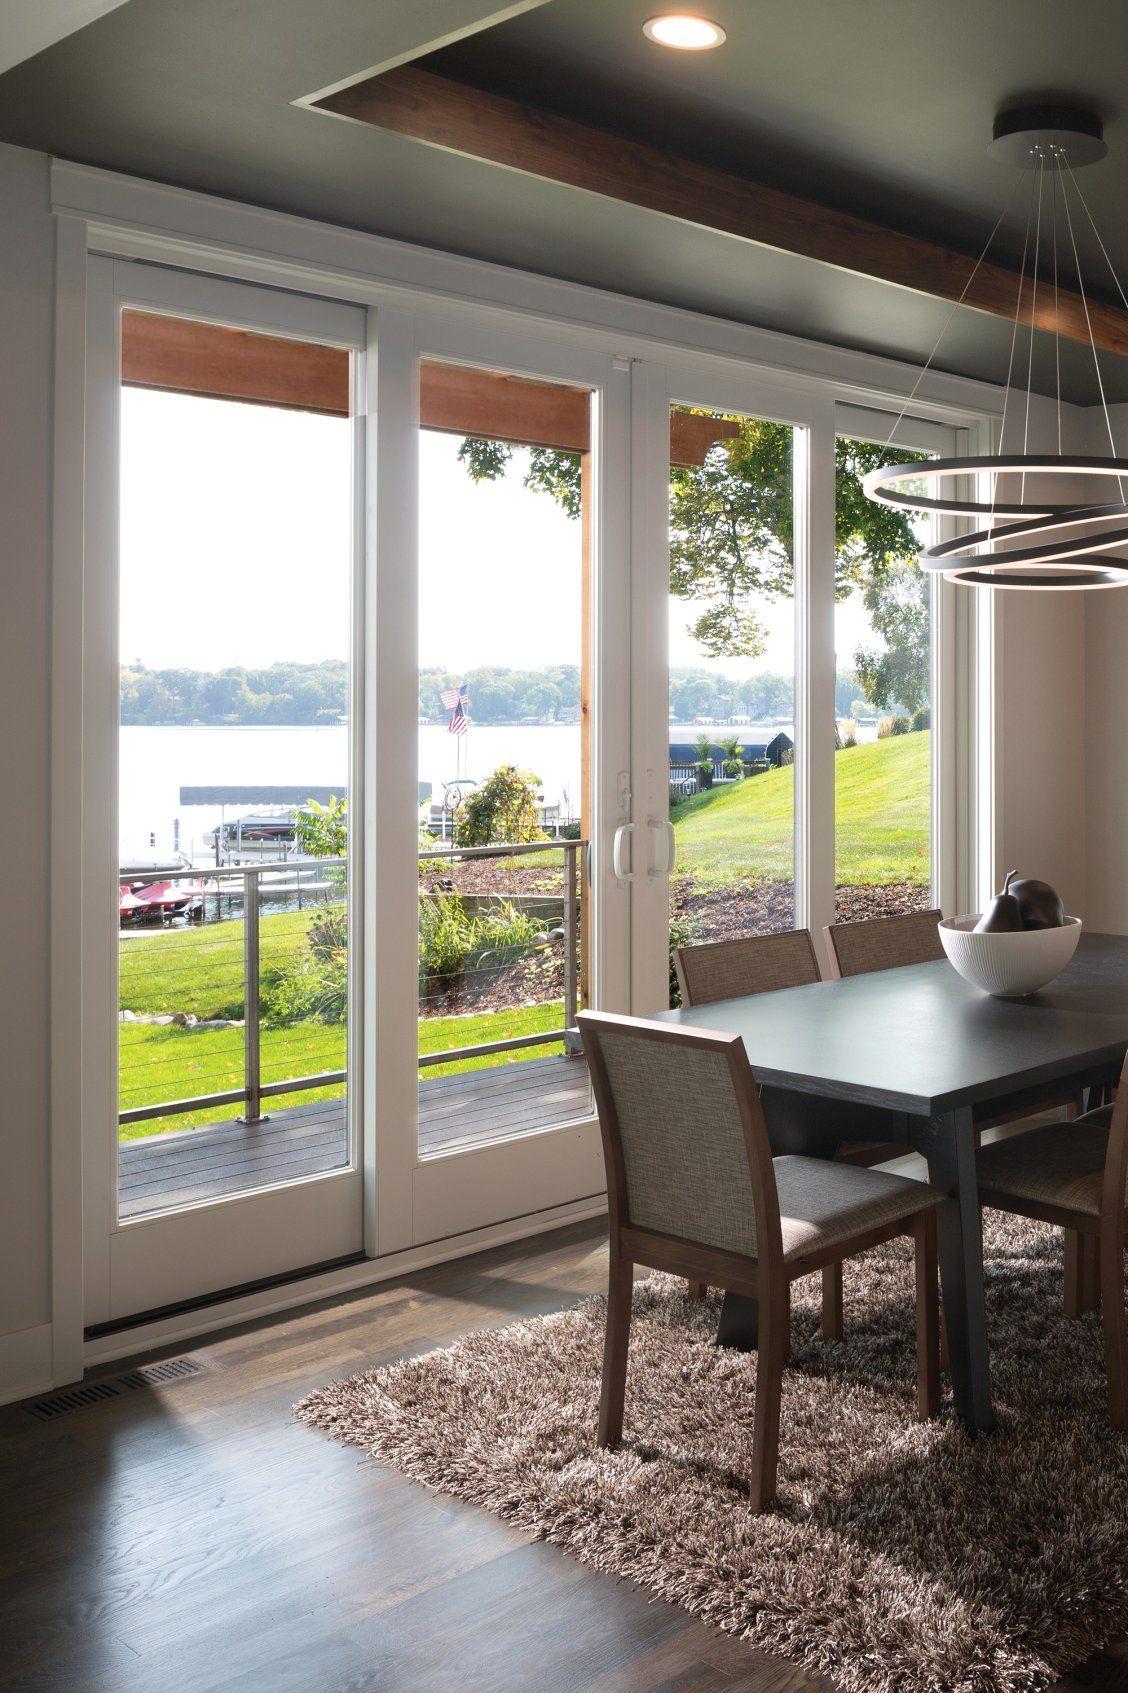 Indoor Outdoor Patio And Dining Room Transition Living Room Patio Doors Living Room Sliding Doors Kitchen Patio Doors